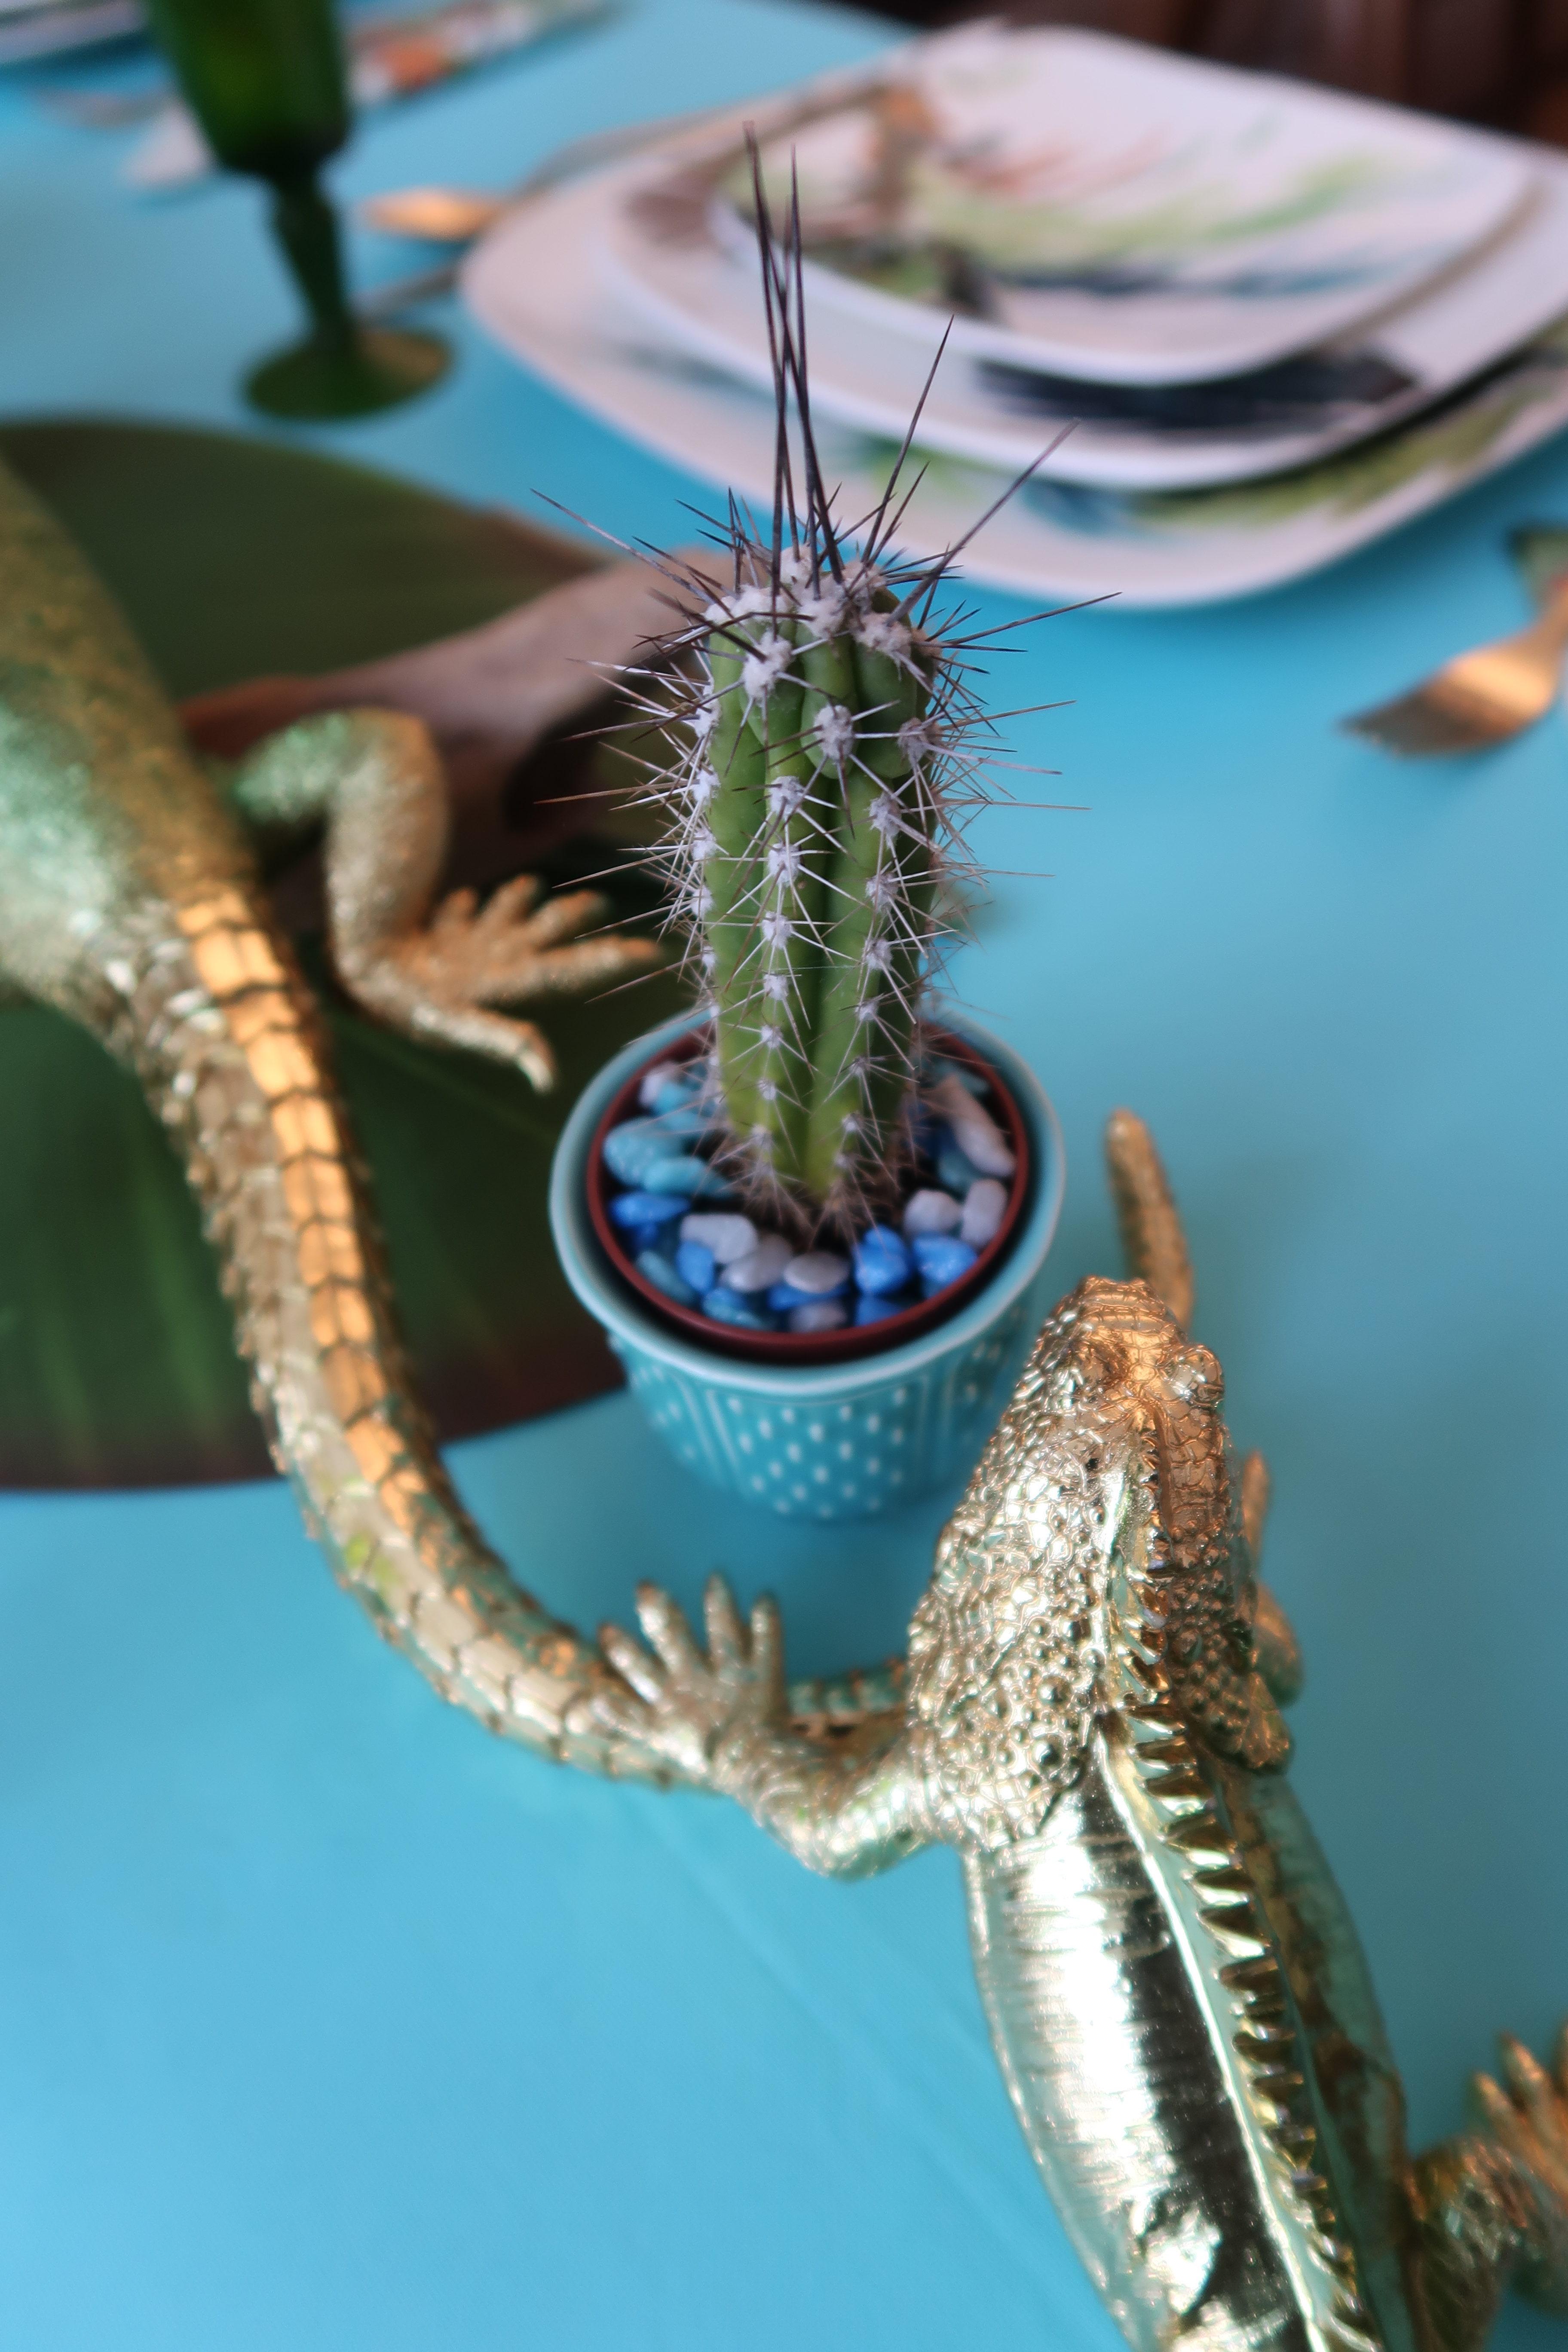 Les-îles-Voyage-1-Cactus-e1526237158622